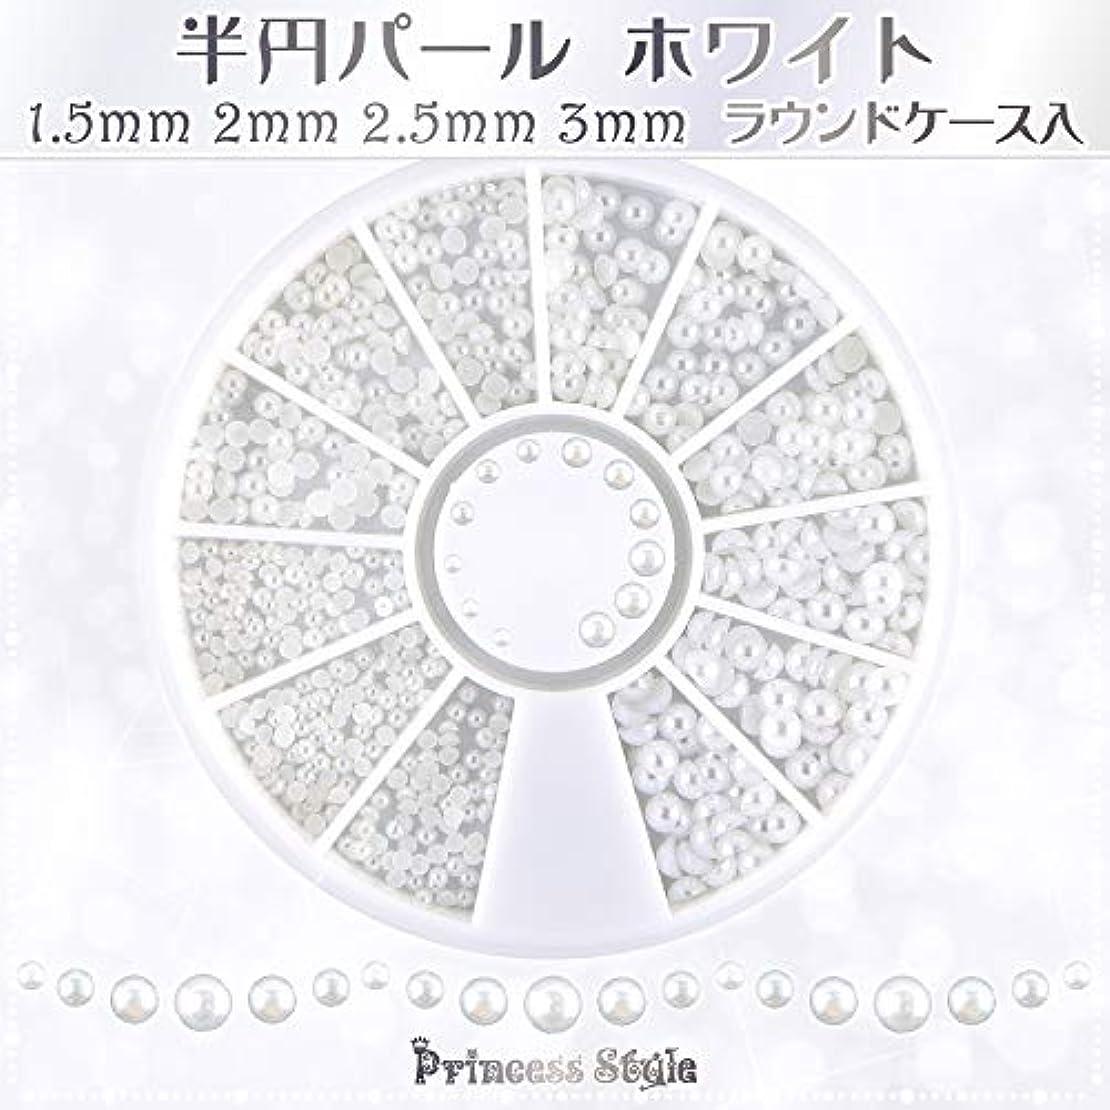 過去面積電話半円パール ホワイト ネイル デコ用 1.5mm,2mm,2.5mm,3mm ラウンドケース入